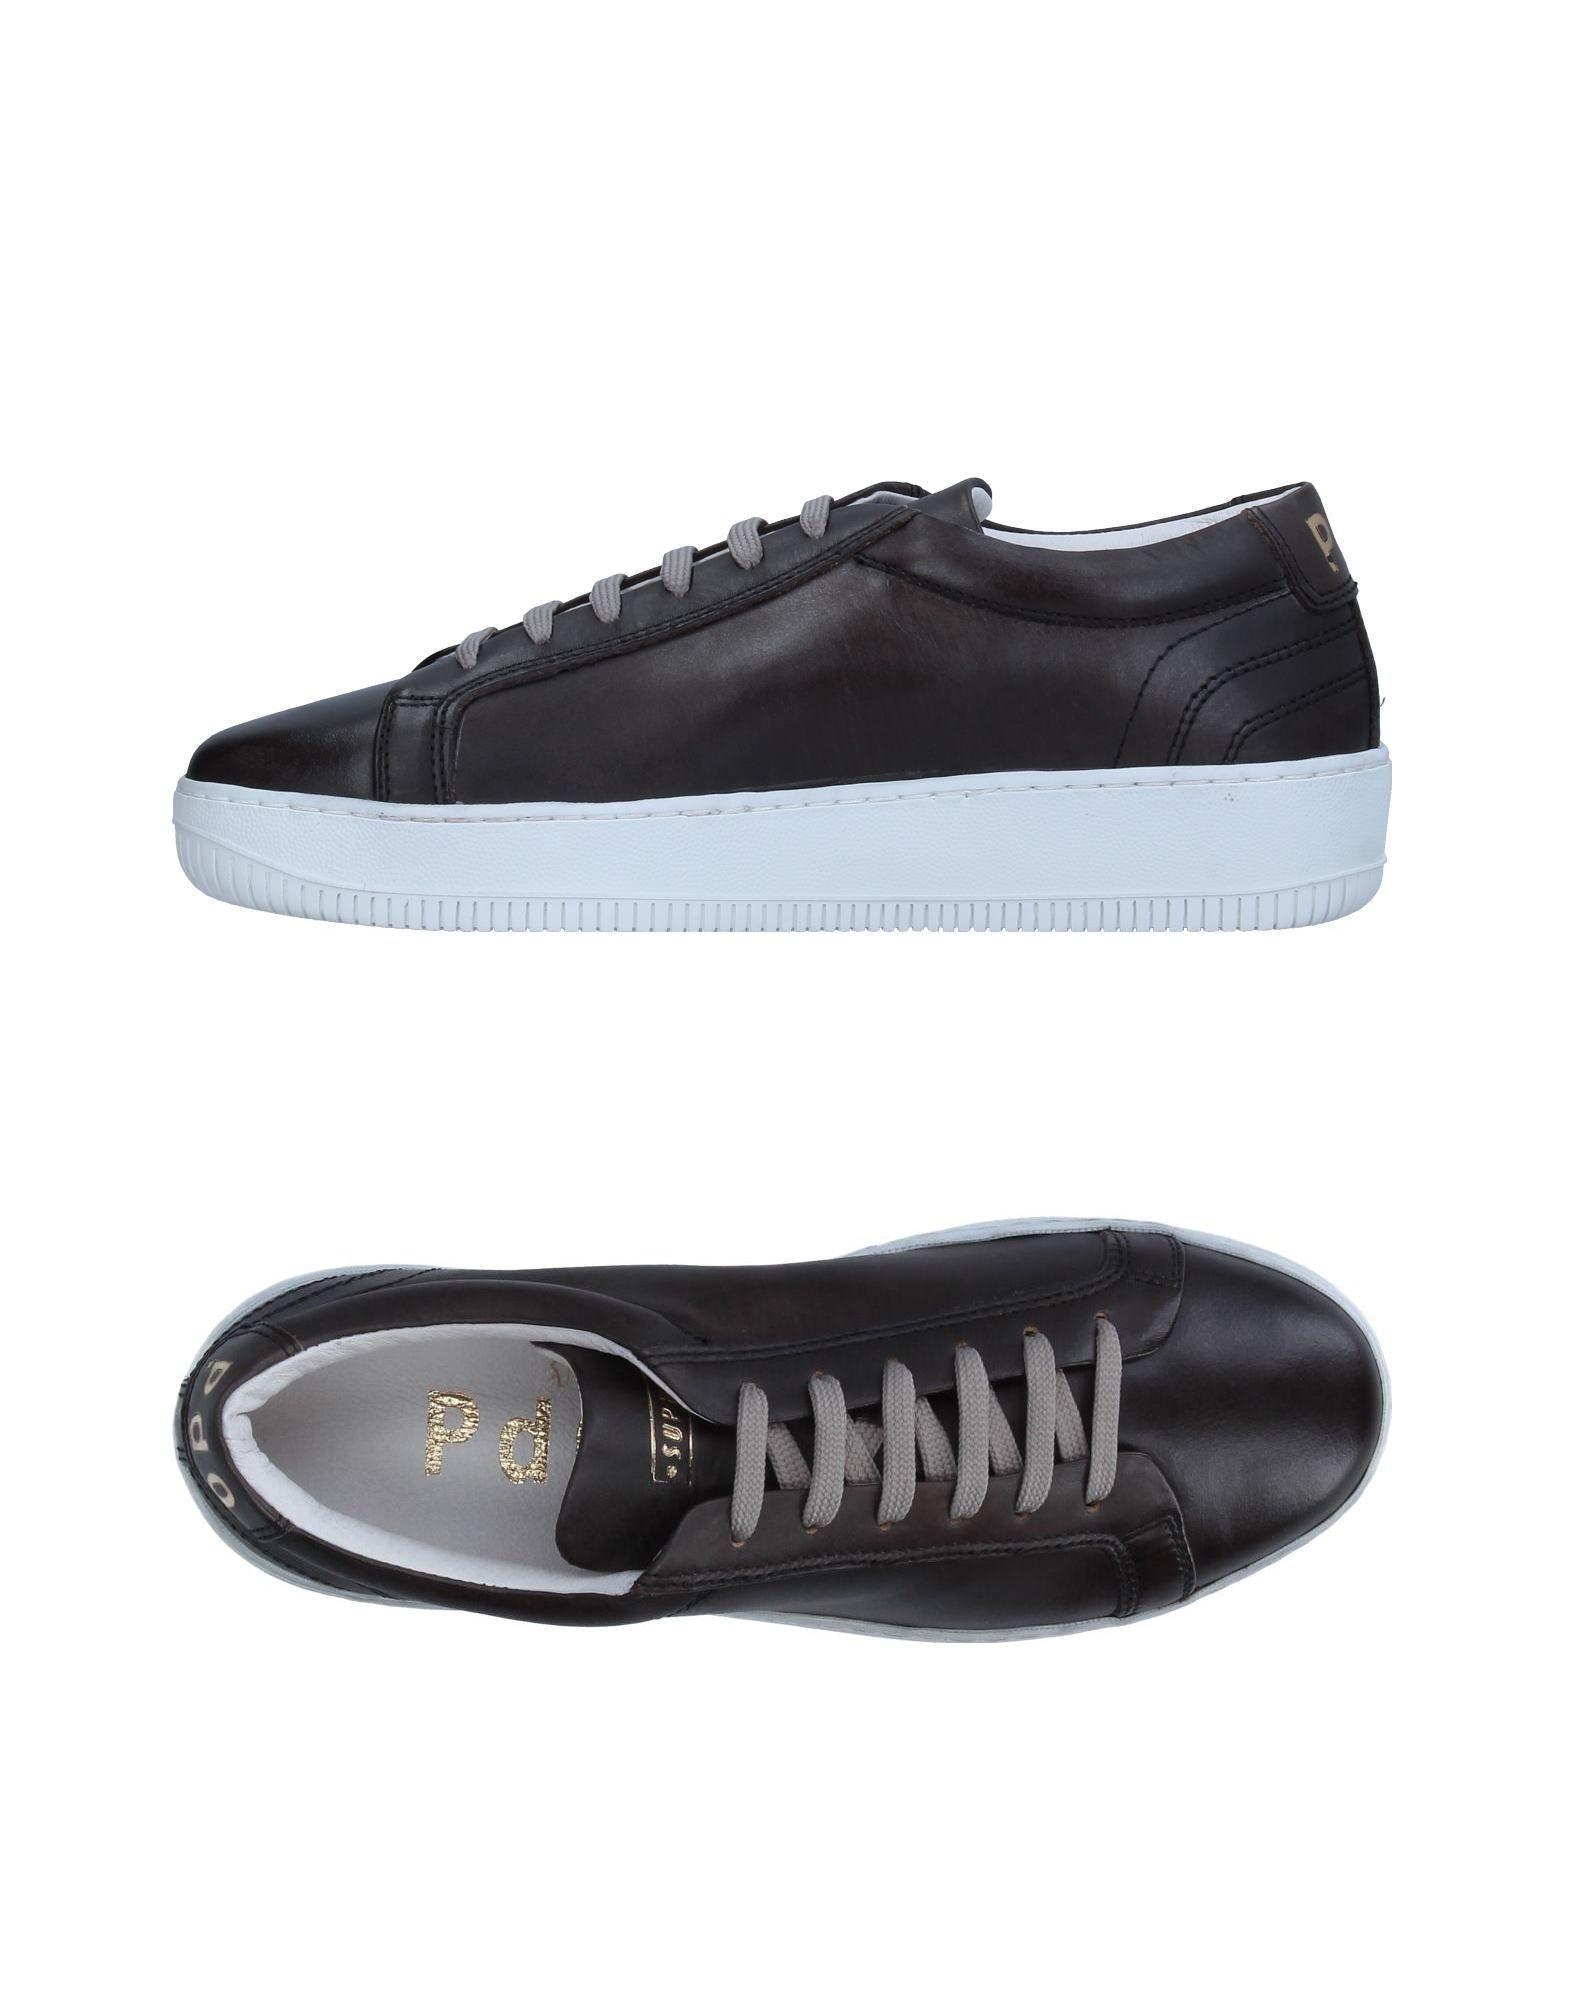 Pantofola D'oro Sneakers Damen  11338706ND Gute Qualität beliebte Schuhe